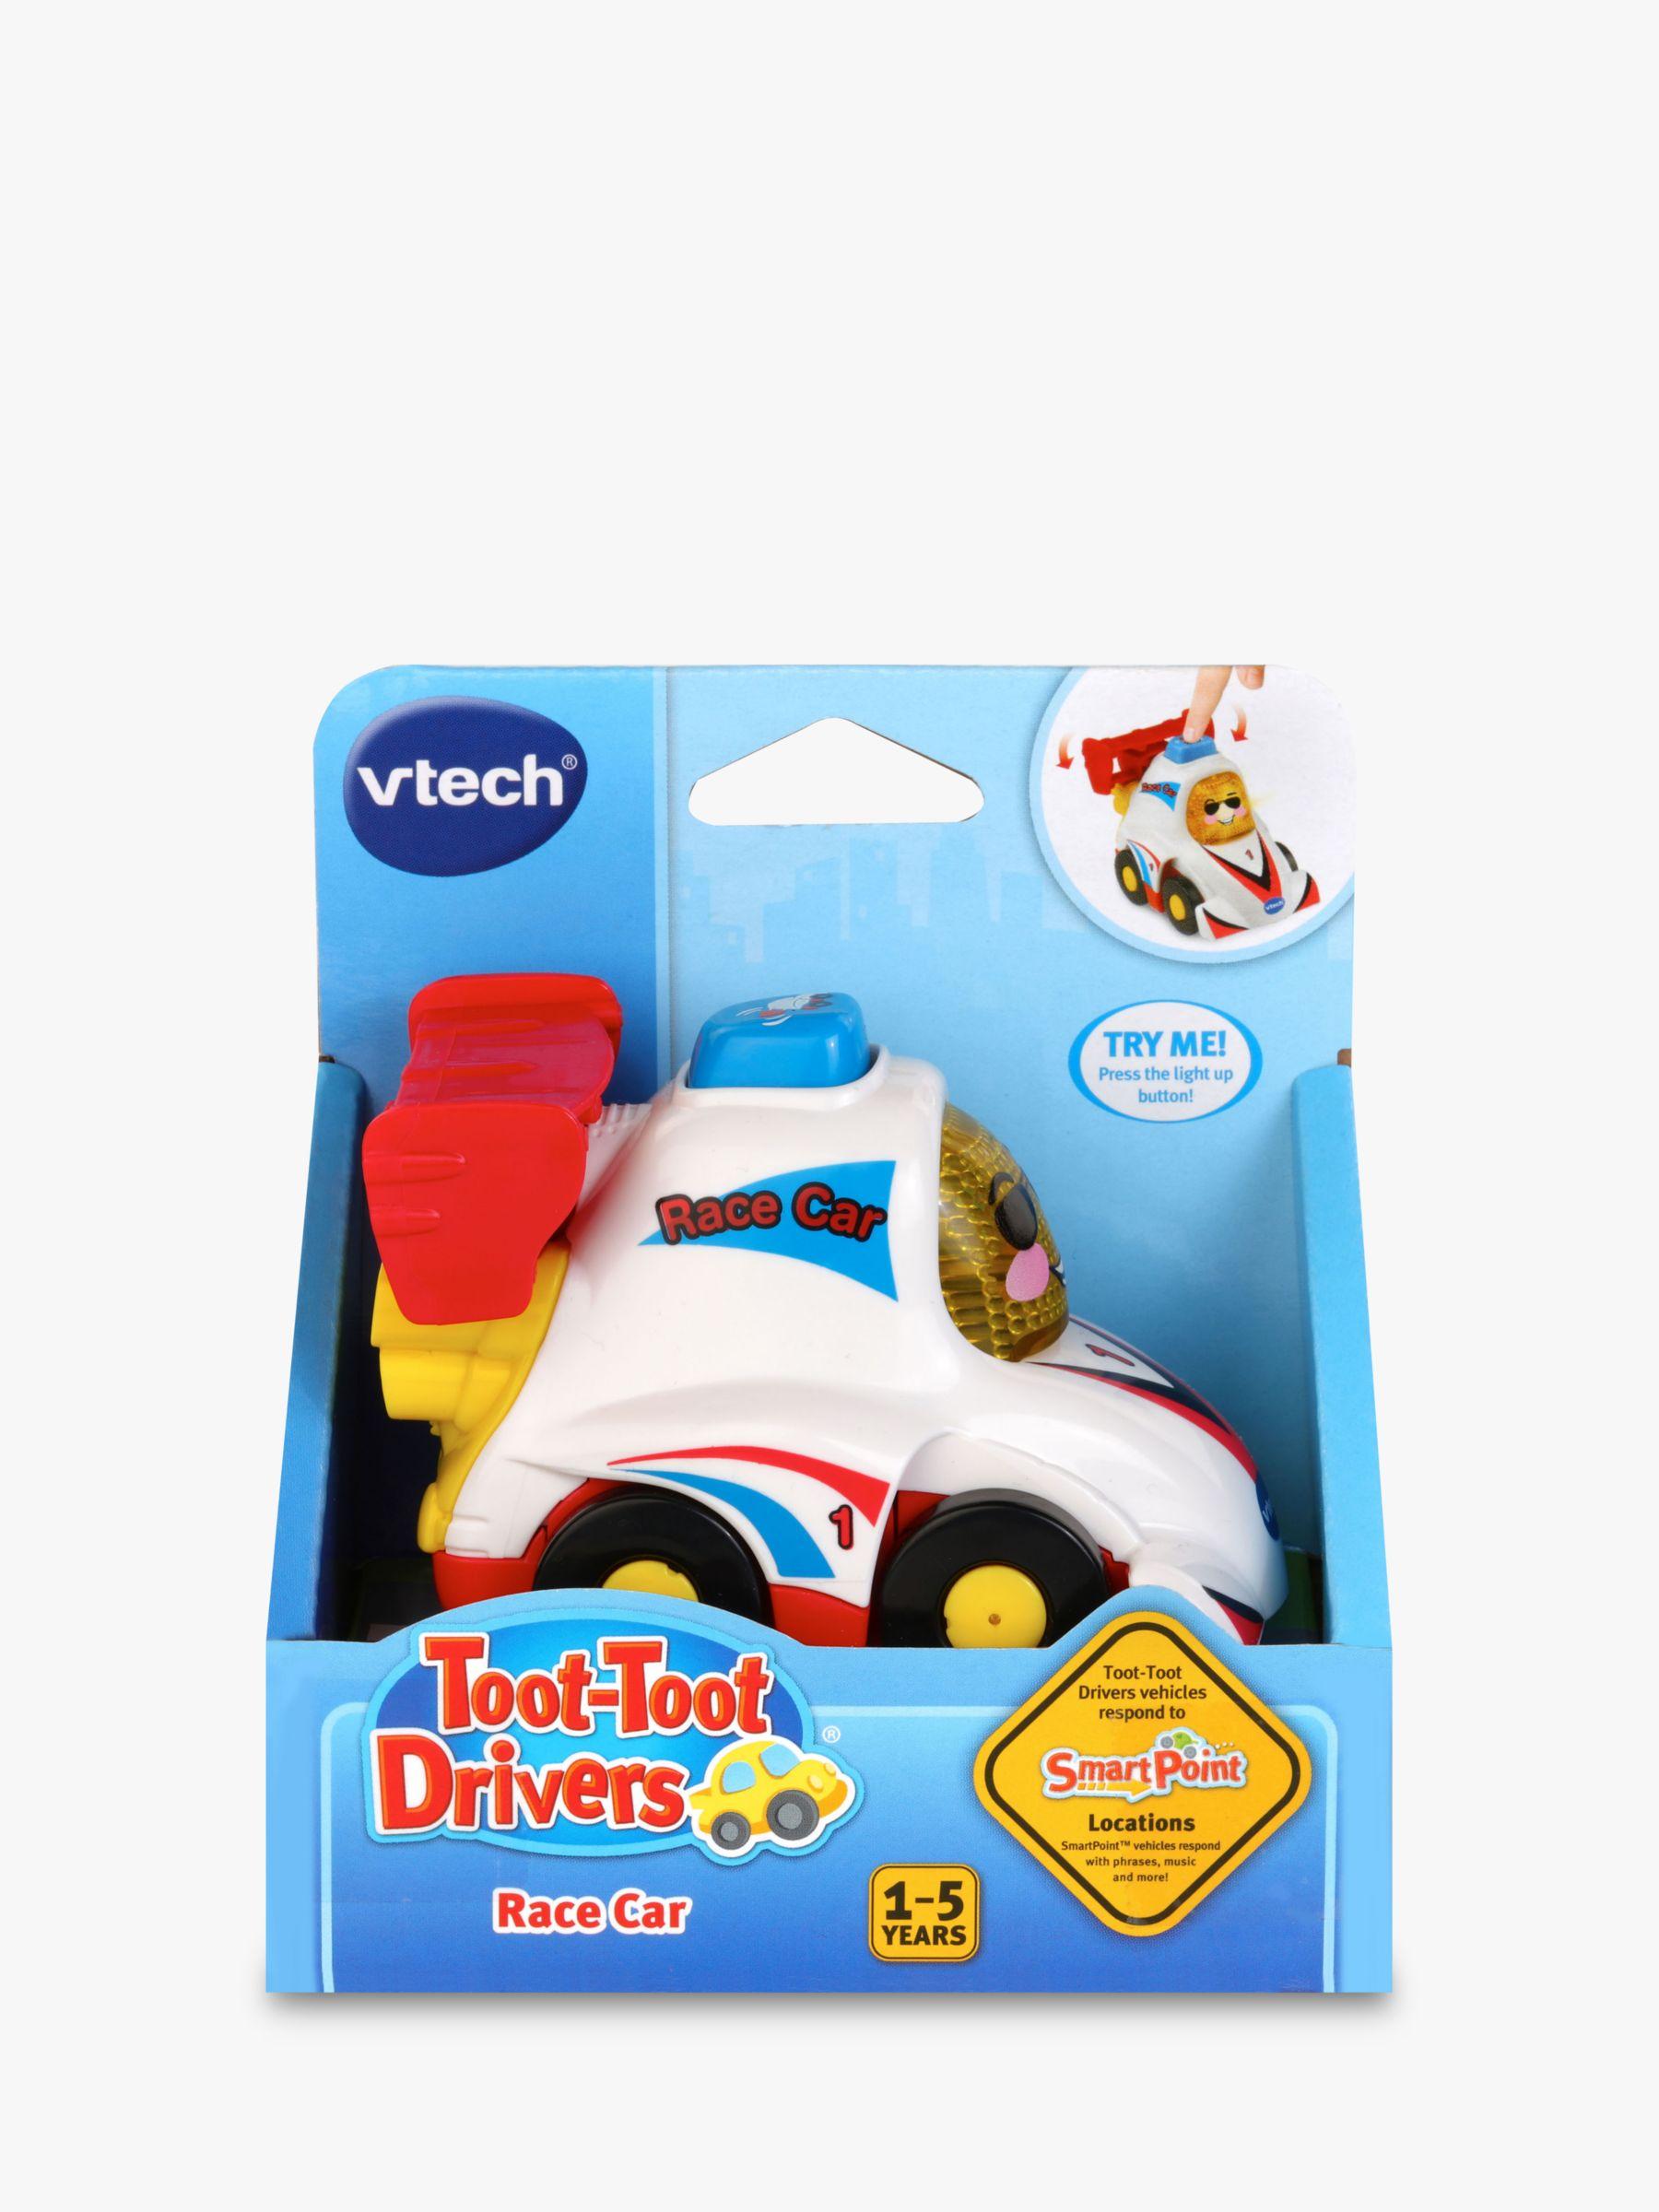 Vtech VTech Toot-Toot Drivers Race Car